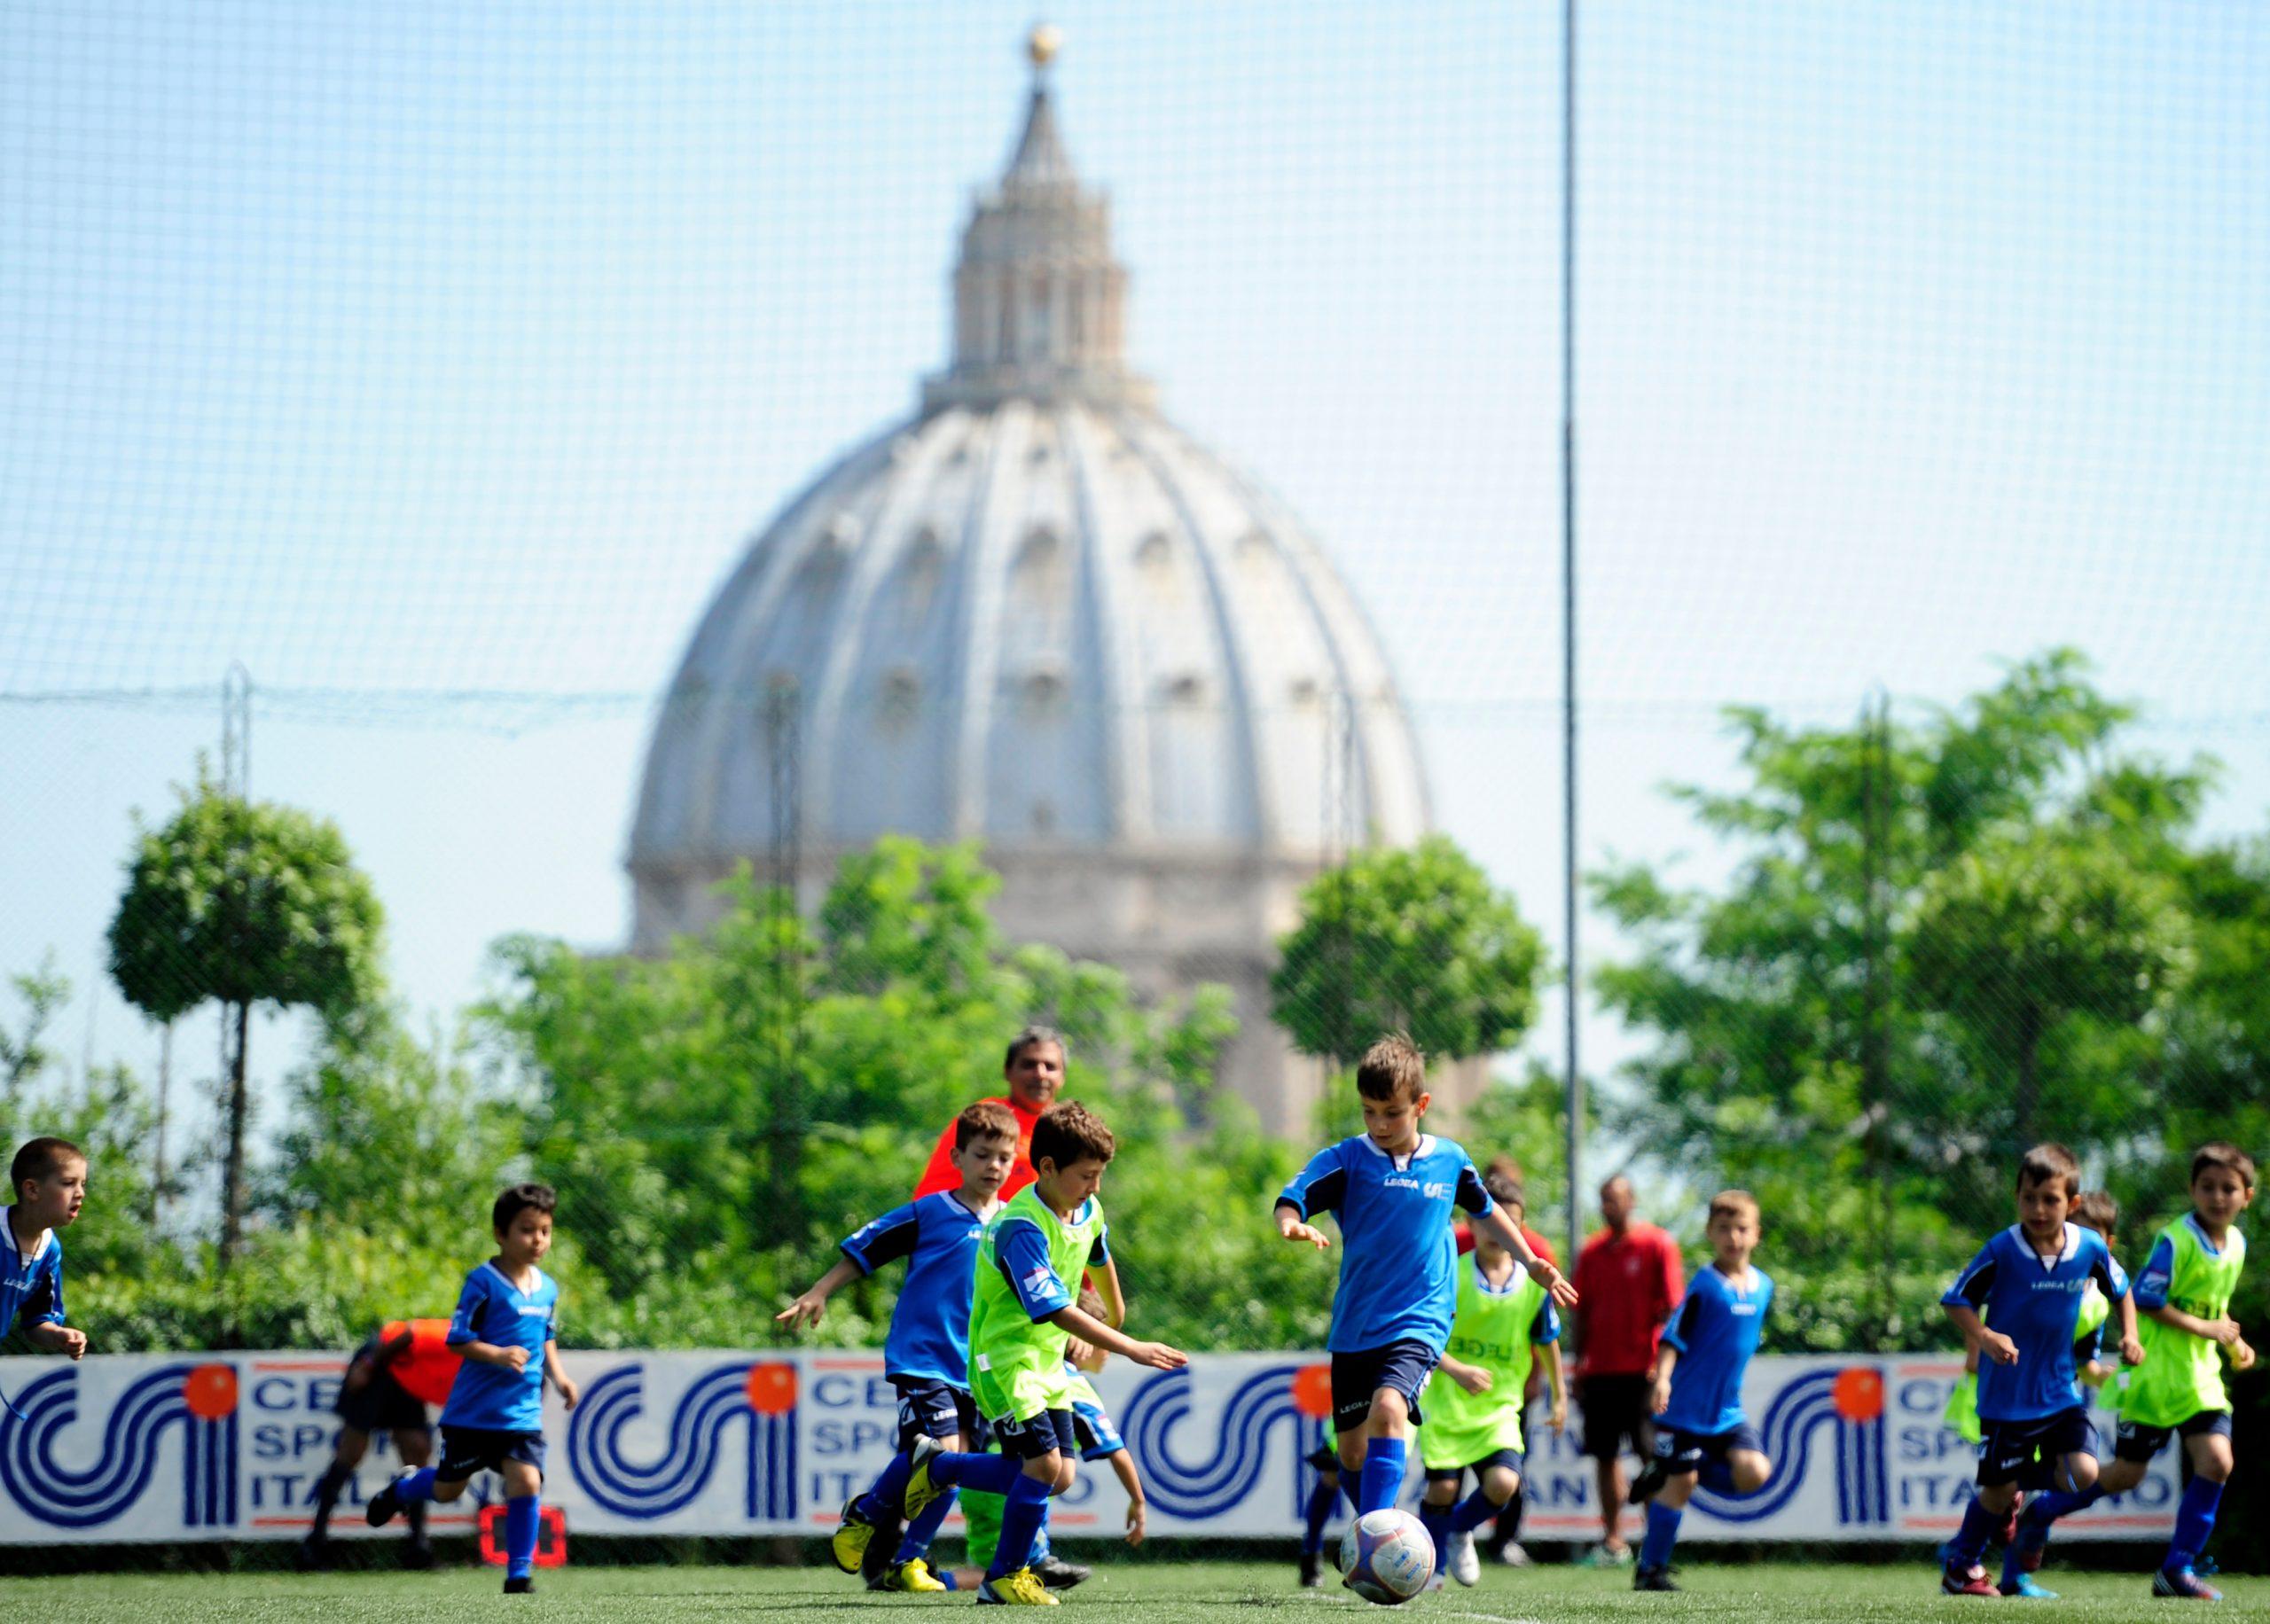 Bambini che giocano a calcio dietro piazza San Pietro